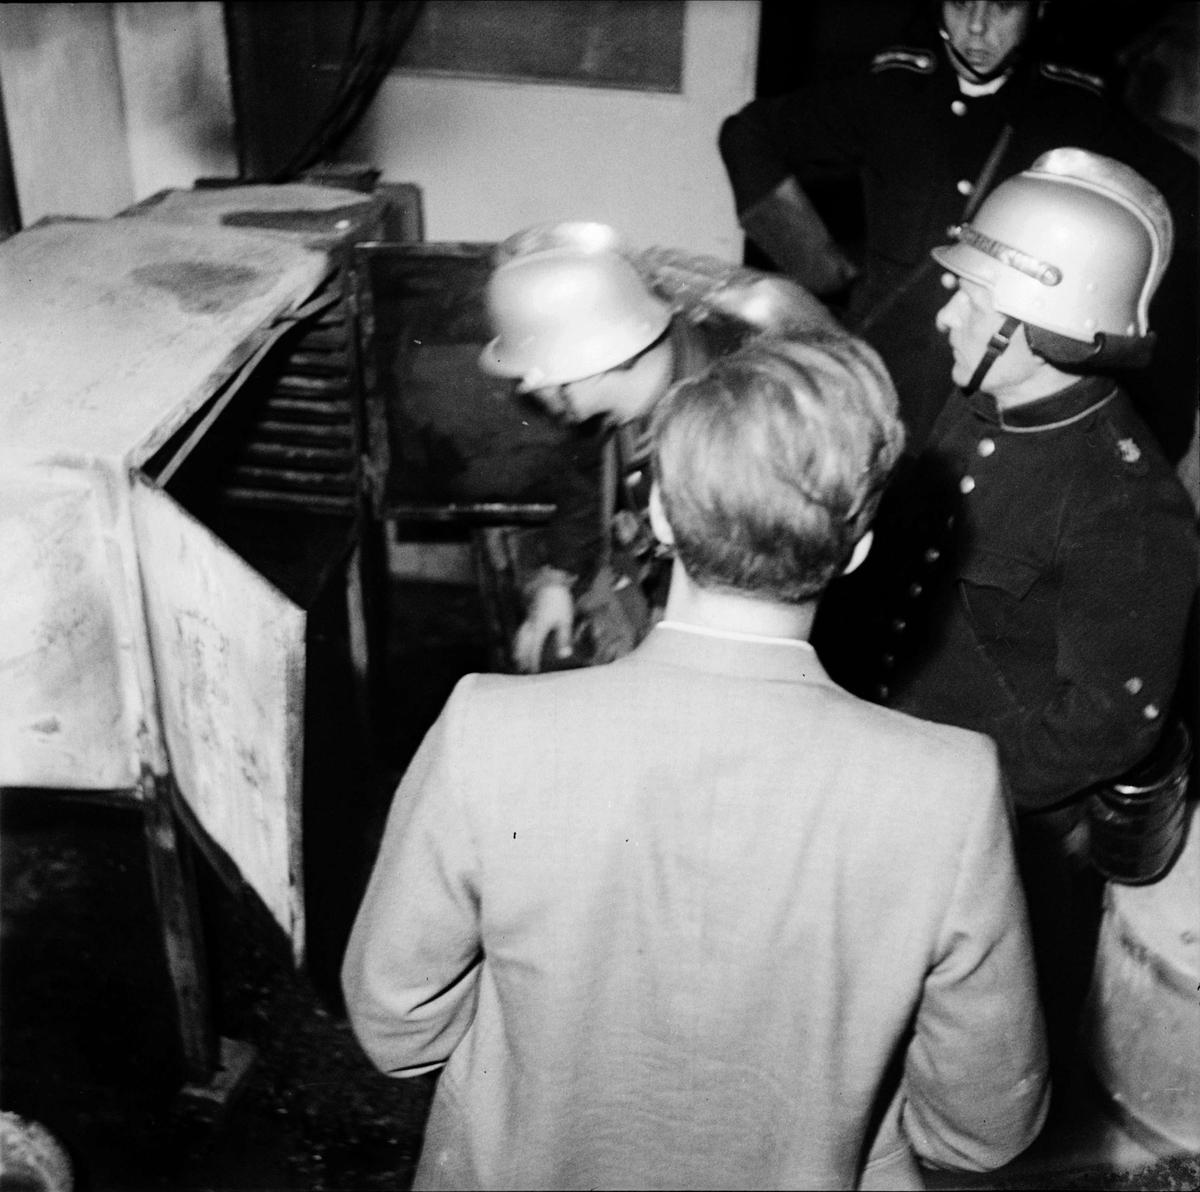 Eldsvåda - Gummilabbet, sannolikt Uppland augusti 1947